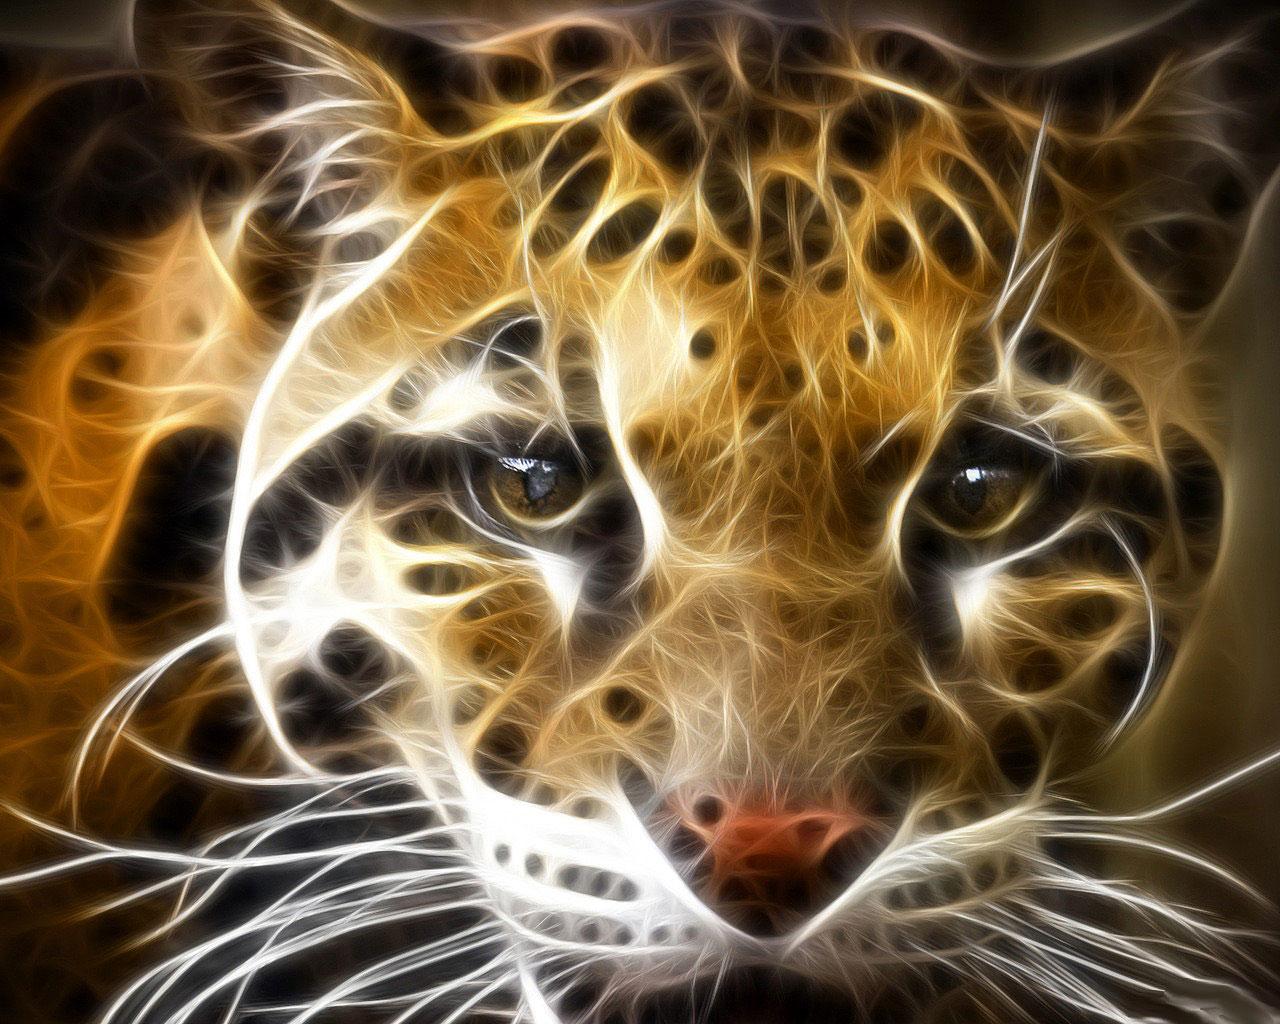 Animales Felino Leopardos Fondo De Pantalla Fondos De: Fondo De Pantalla Leopardo Mirada Impactante 1280x1024